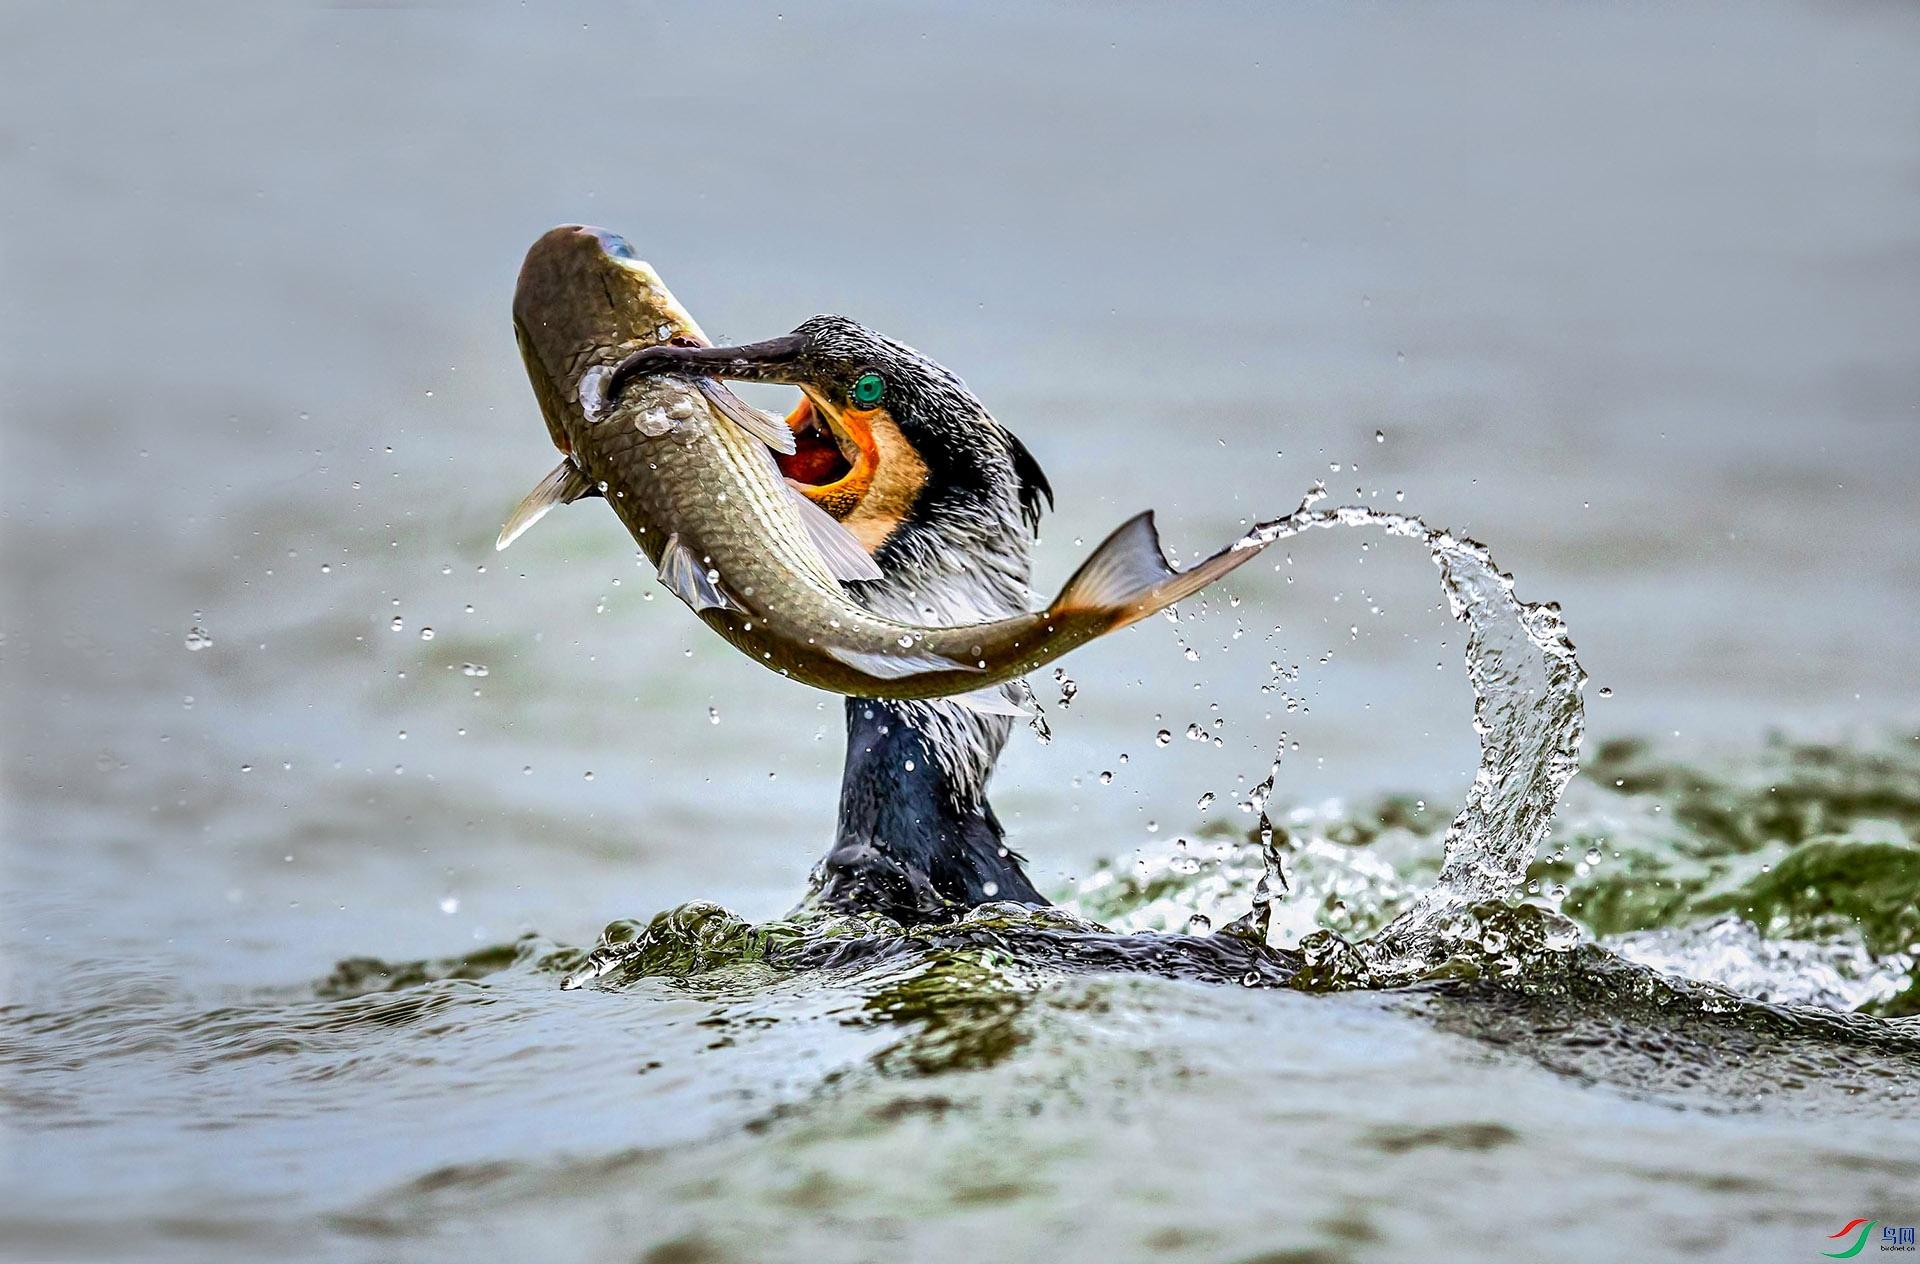 戏鱼.jpg